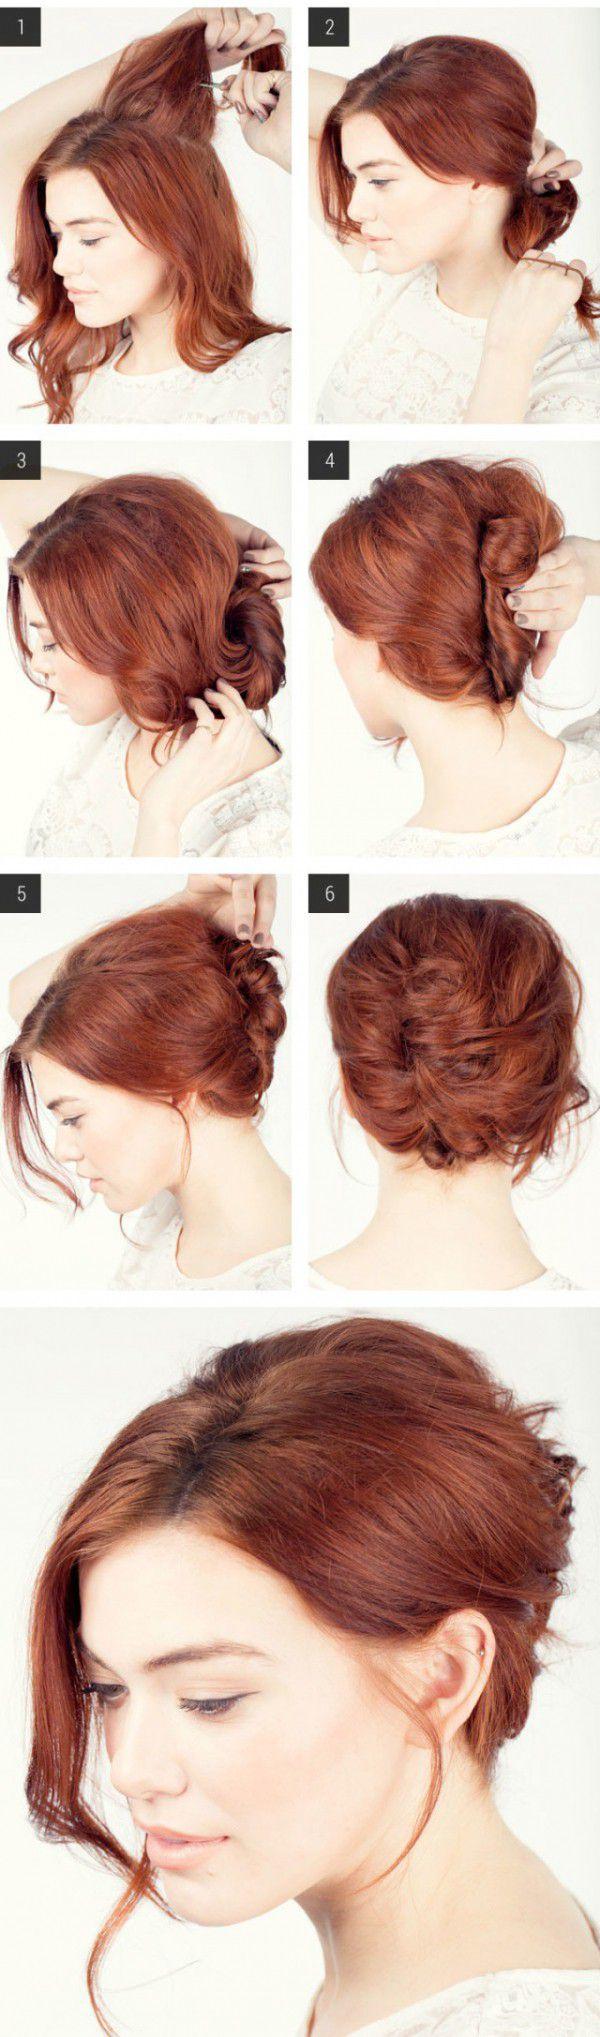 Причёска на каре волосы пошаговая инструкция